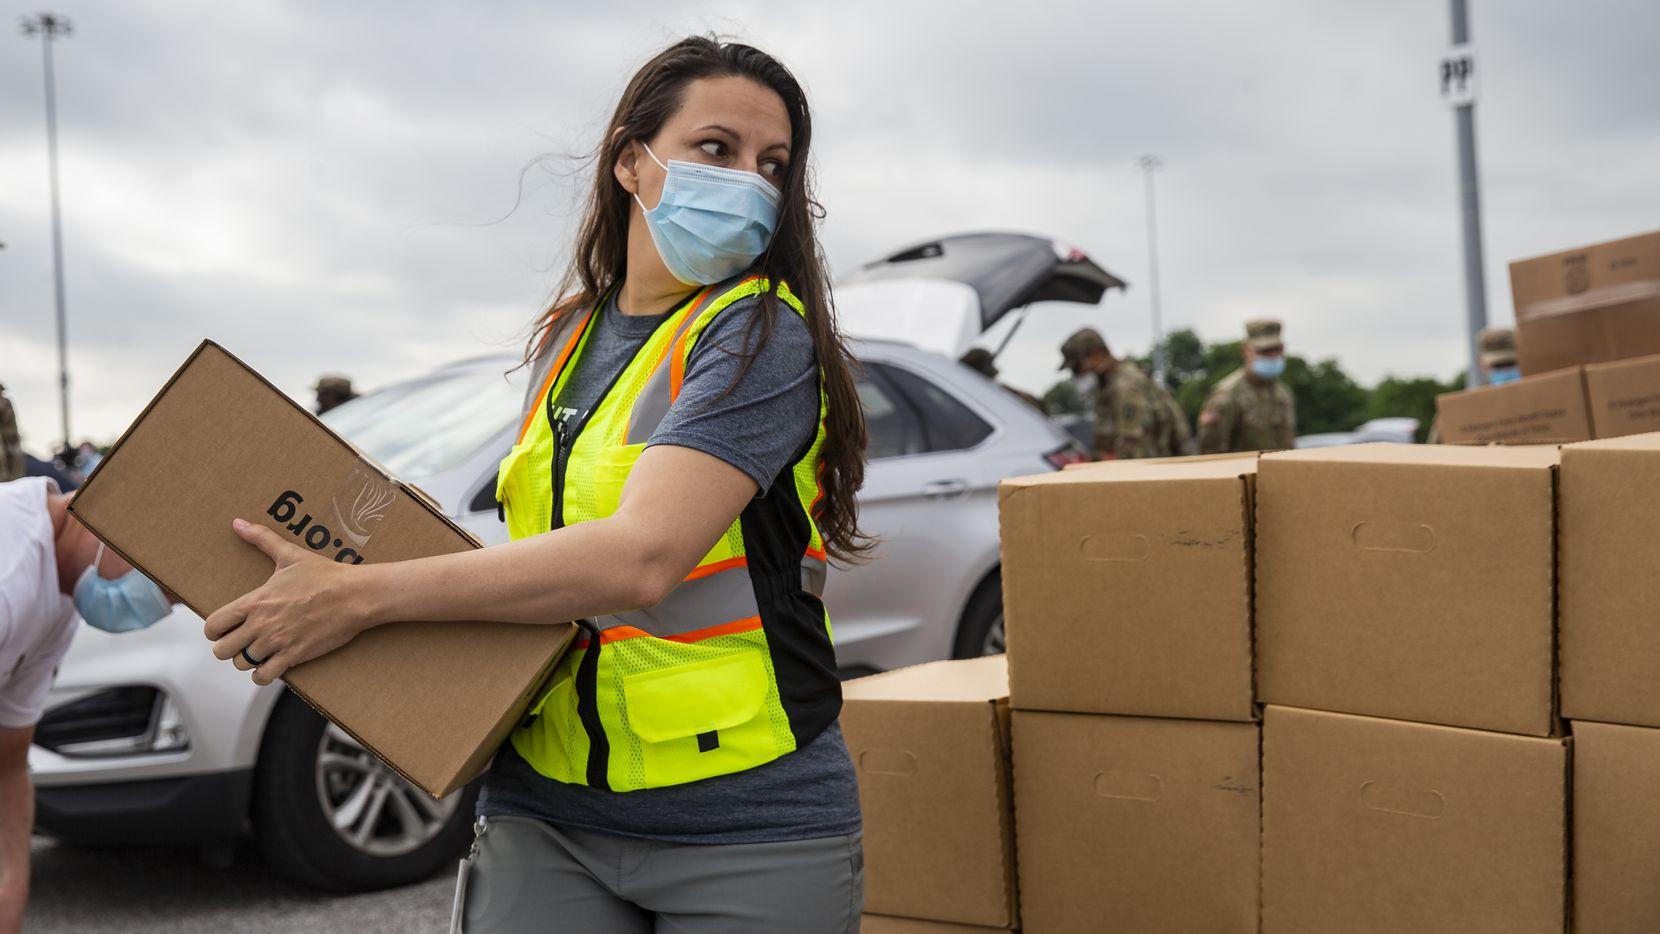 El North Texas Food Bank distribuirá despensa gratuitas el martes 23 y miércoles 24 de  junio para ayudar a familias afectadas económicamente por el coronavirus. El banco de comida también anunció que no habrá distribución de comida del jueves 25 de julio al domingo 5 de julio.